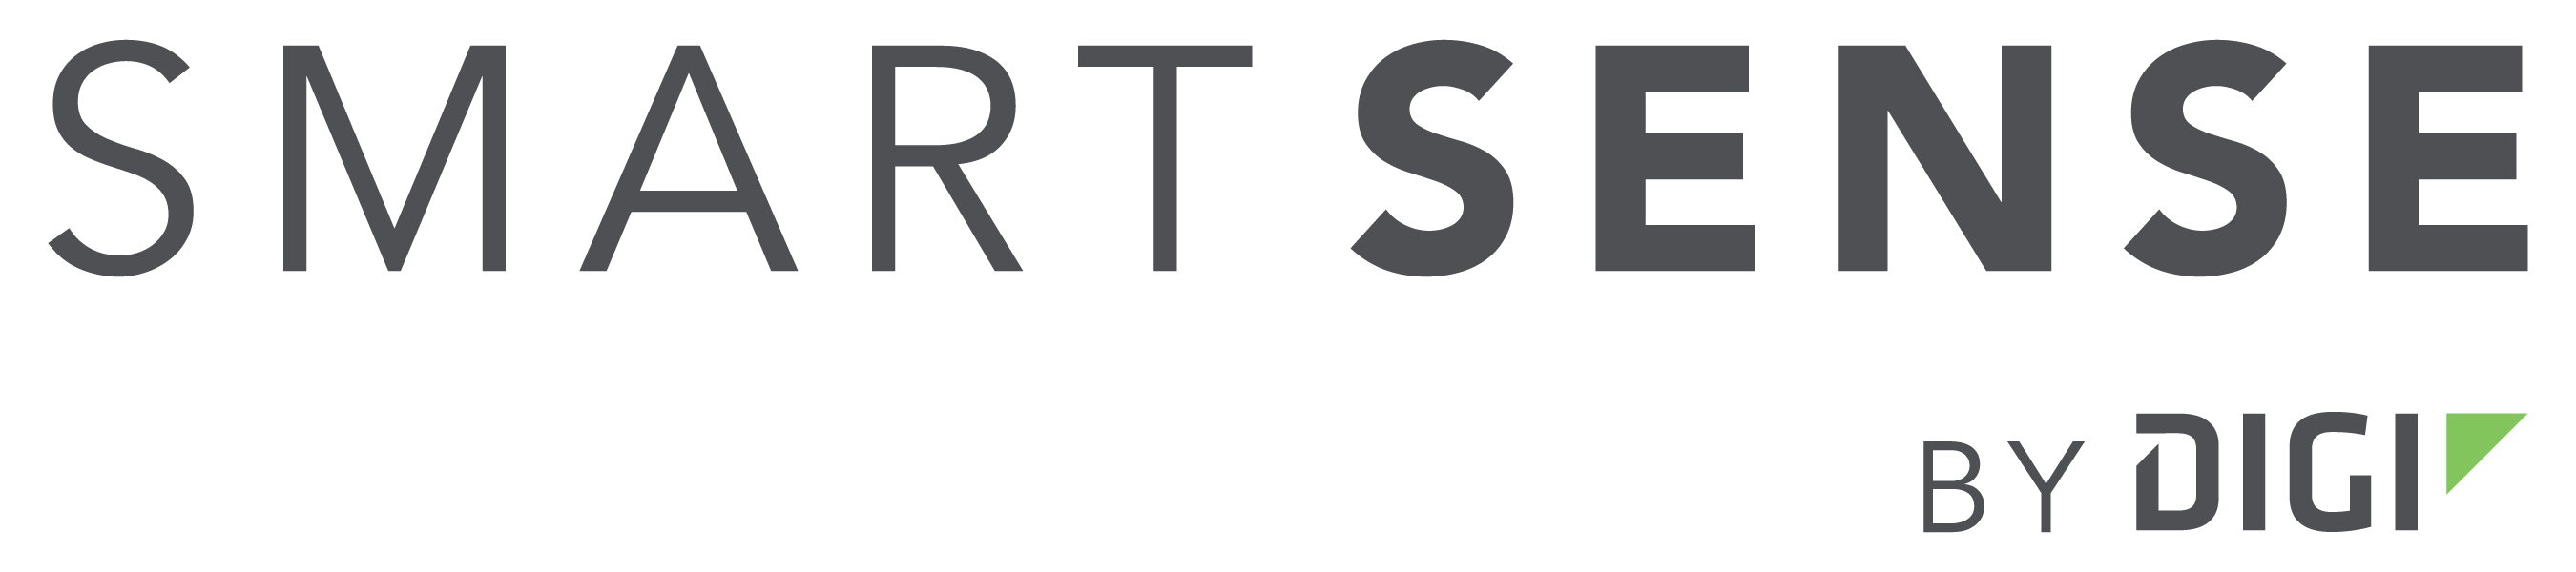 SmartSense by Digi logo